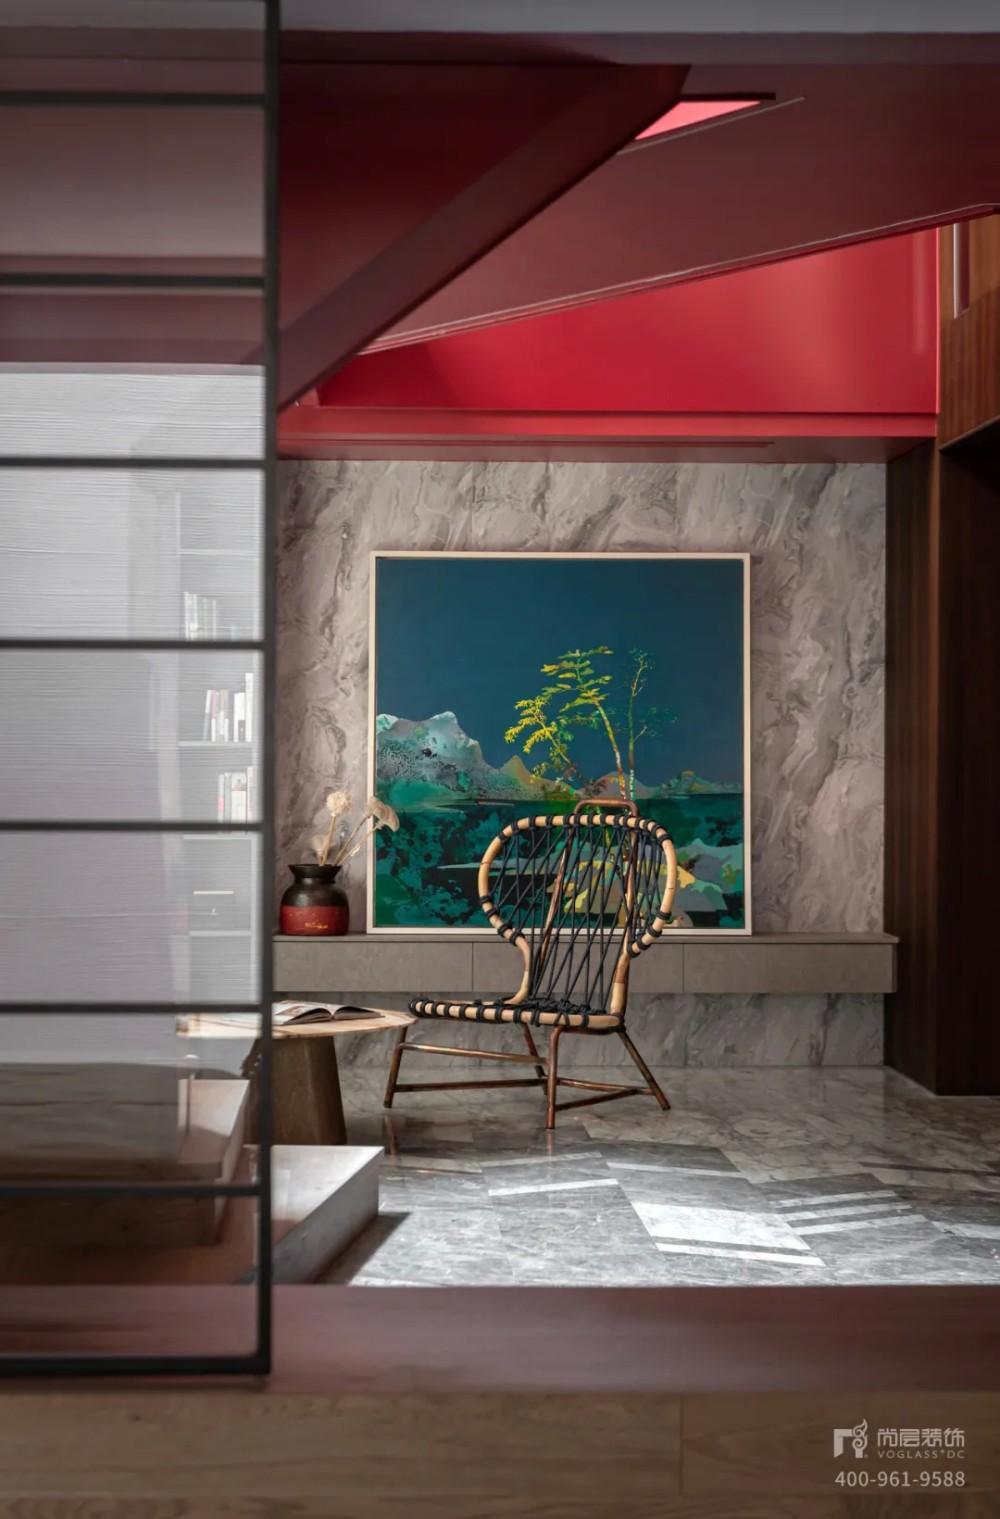 中信墅550.0m²混搭   融合现代与中式之美成就一方契合灵魂的归心之所-23.jpg